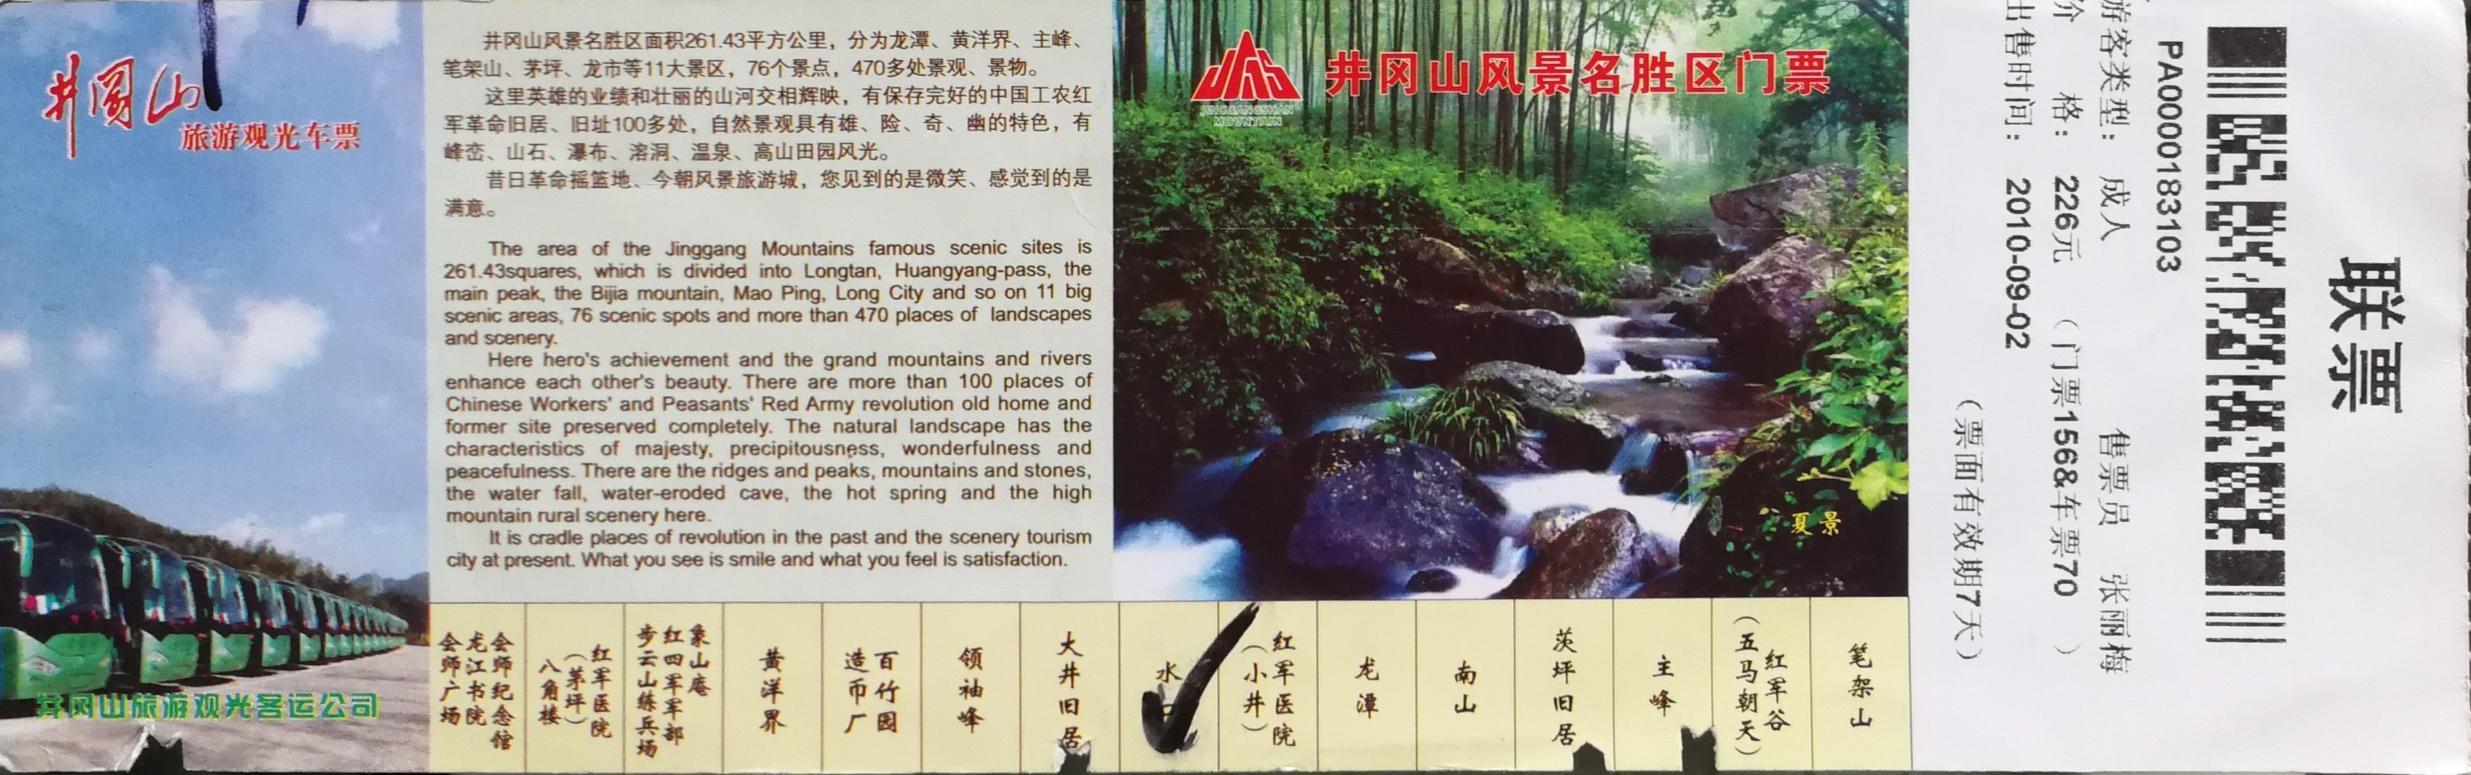 西江月·井冈山,江西行记(四)——红色摇篮井冈山散记